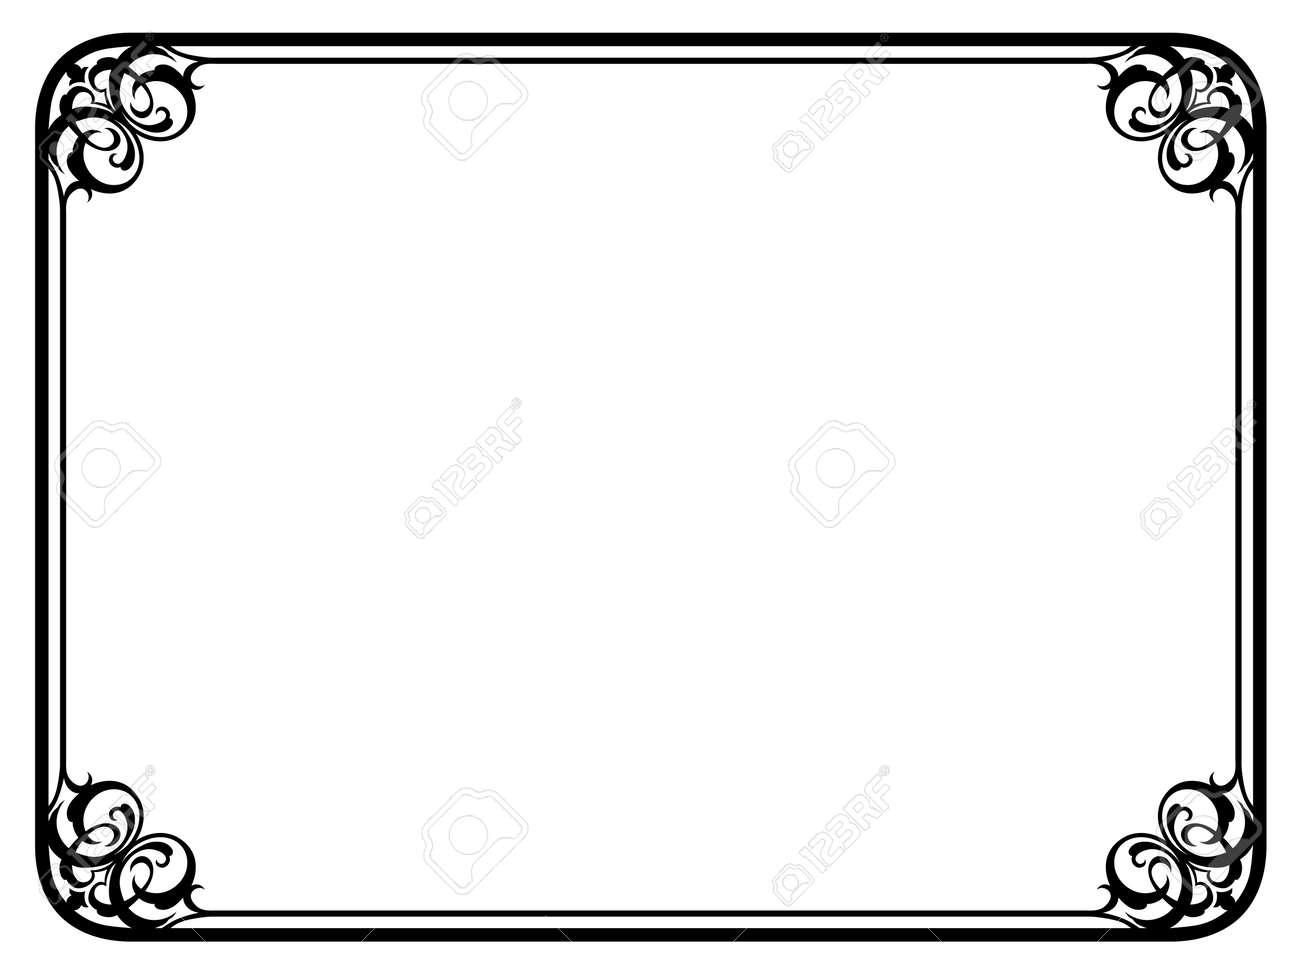 シンプルな黒の達筆装飾装飾的なフレーム パターン ベクトル